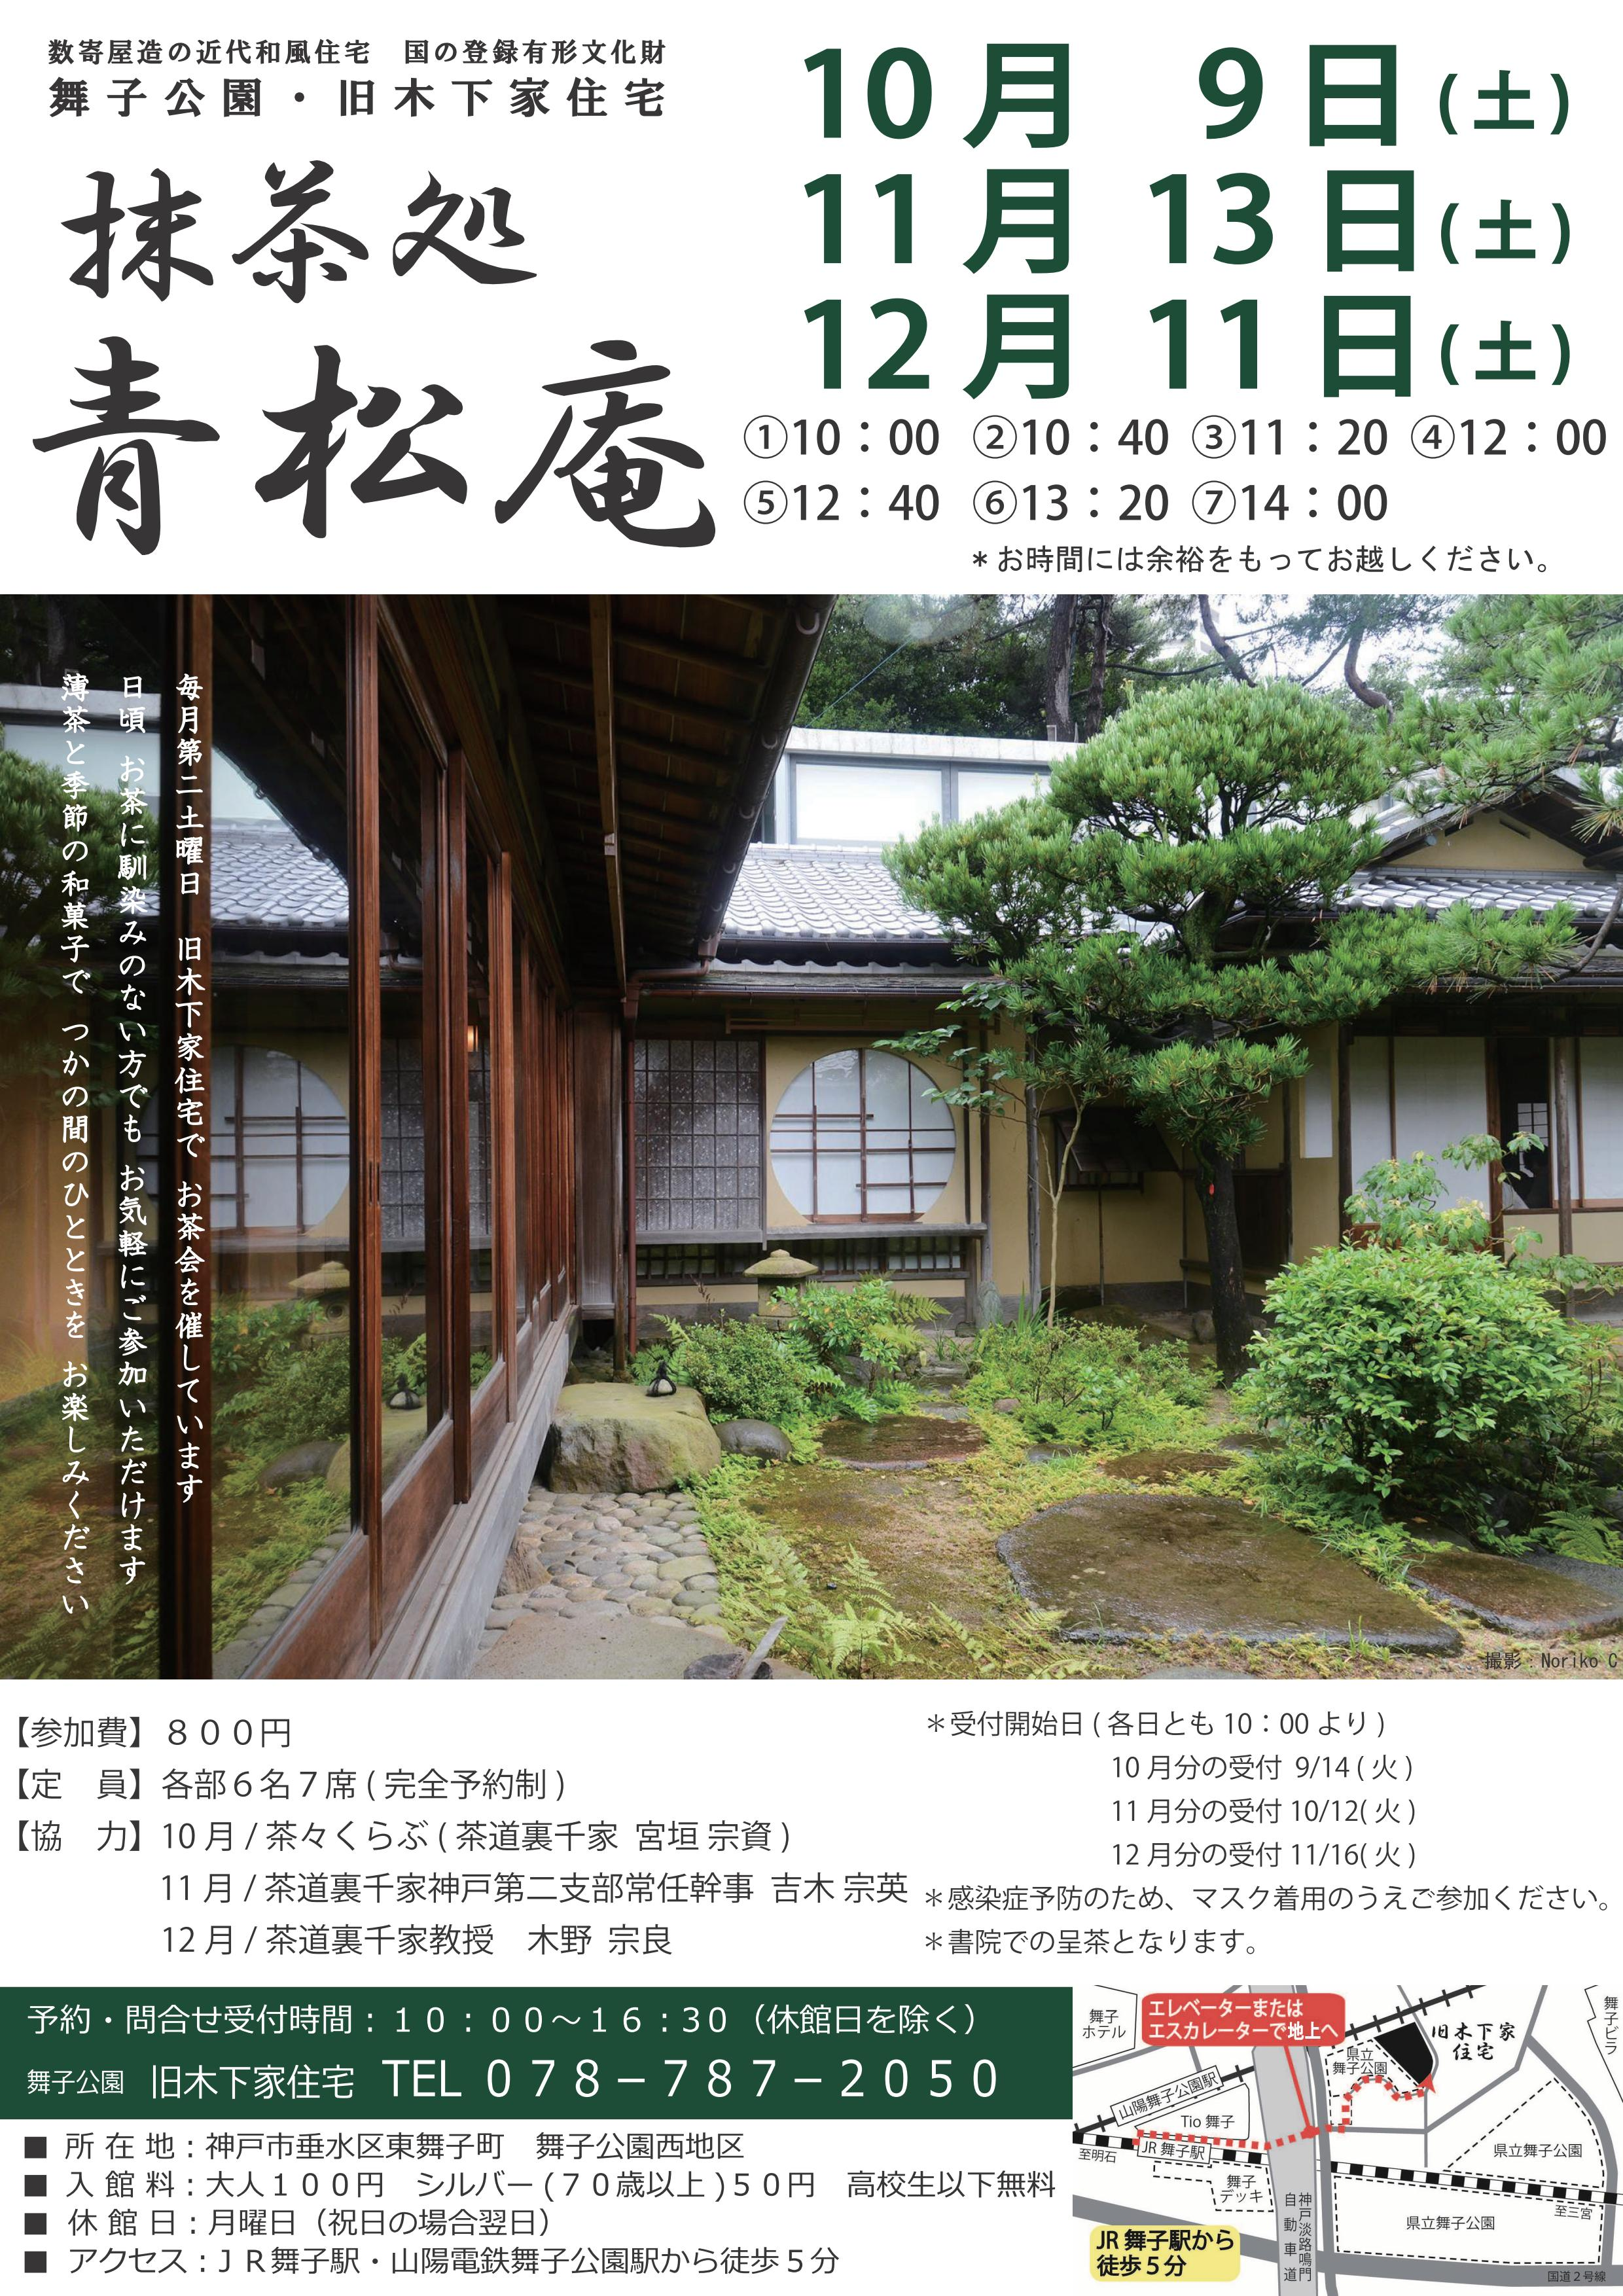 10/9(土)旧木下家住宅「抹茶処 青松庵」のアイキャッチ